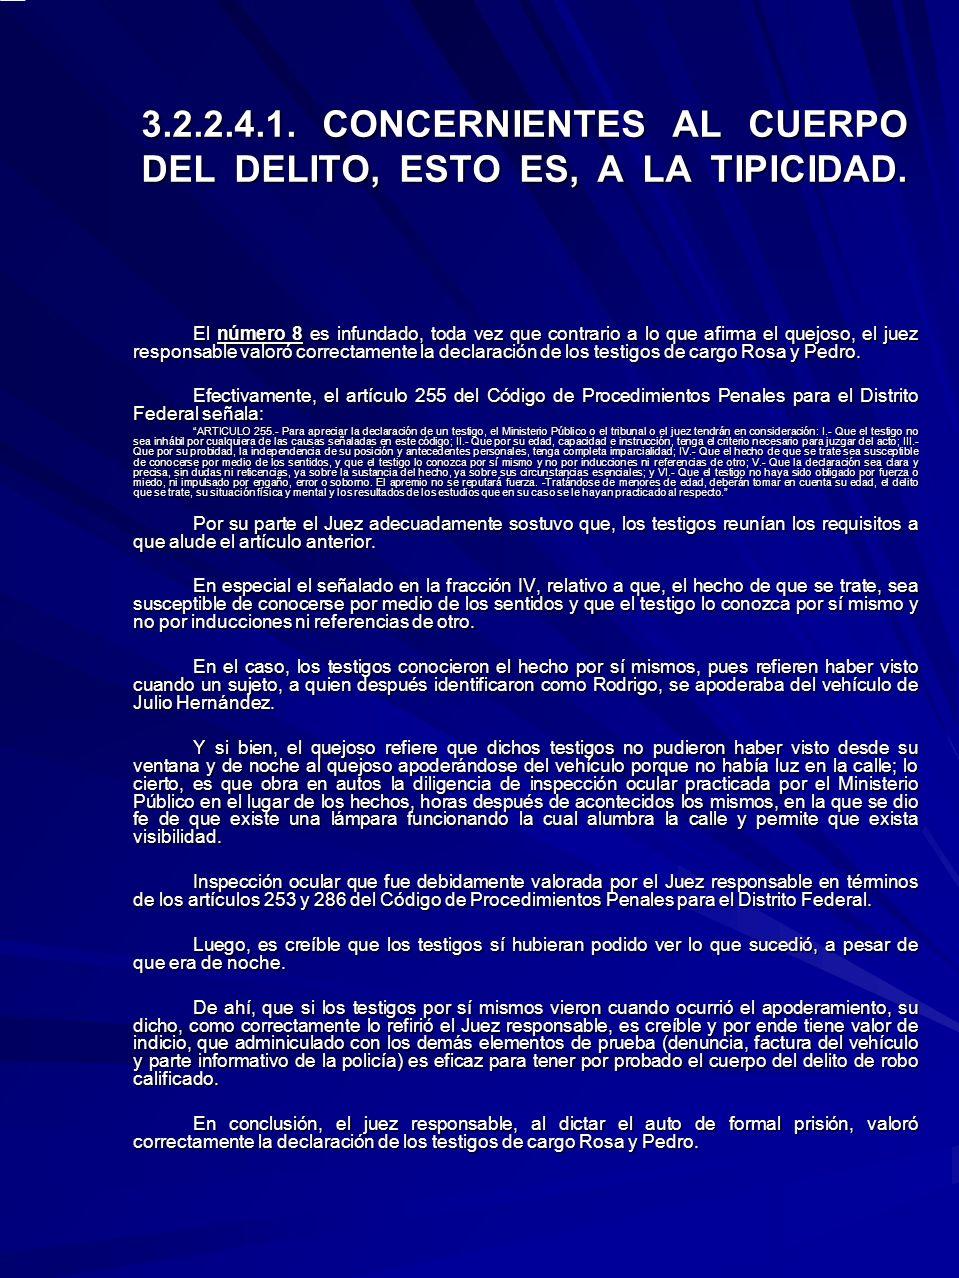 3.2.2.4.1. CONCERNIENTES AL CUERPO DEL DELITO, ESTO ES, A LA TIPICIDAD.